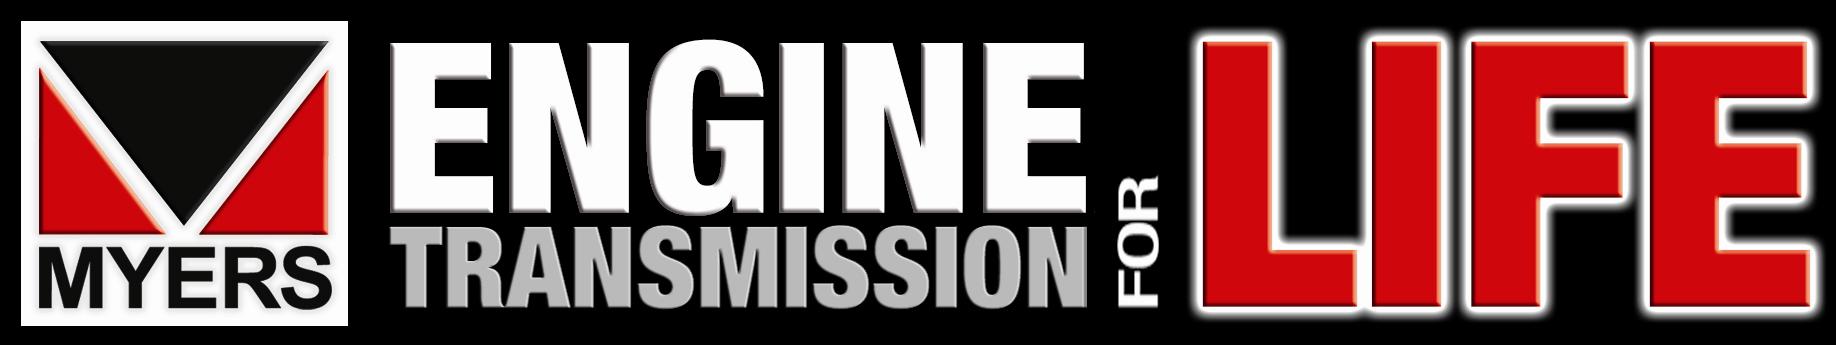 Engine Transmission For Life